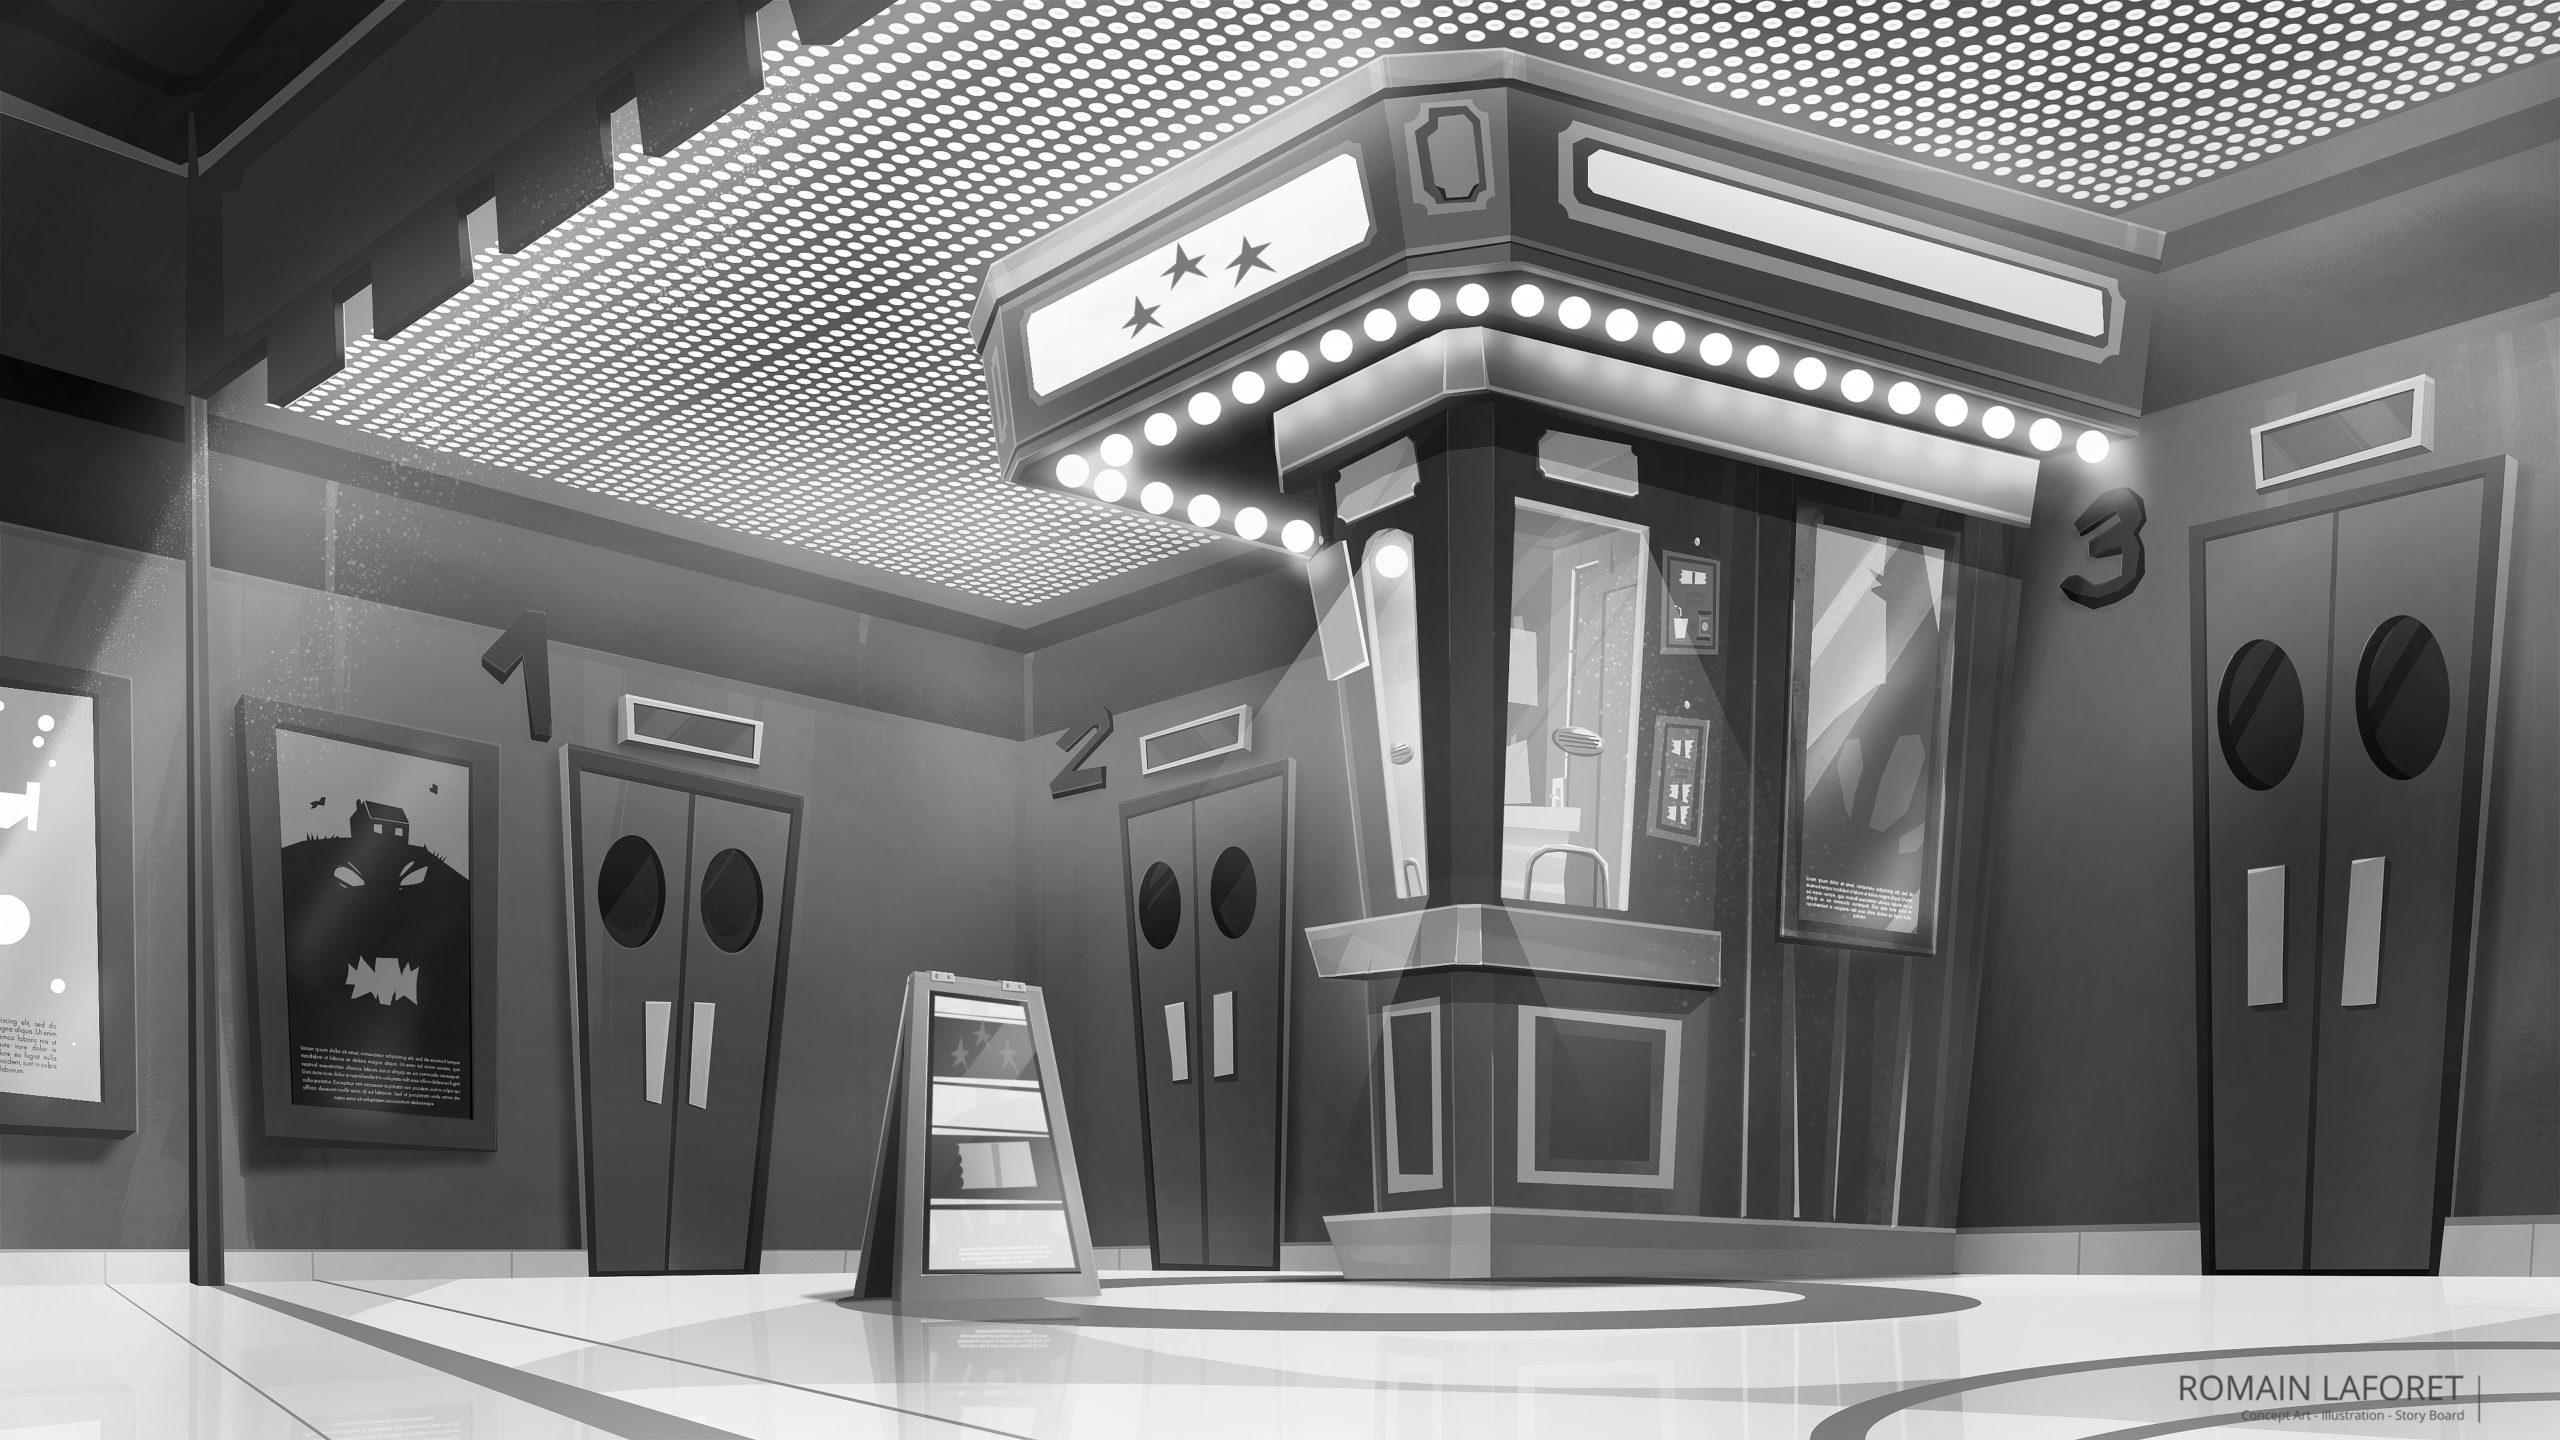 cinema ticket booth concept background noir et blanc romain laforet